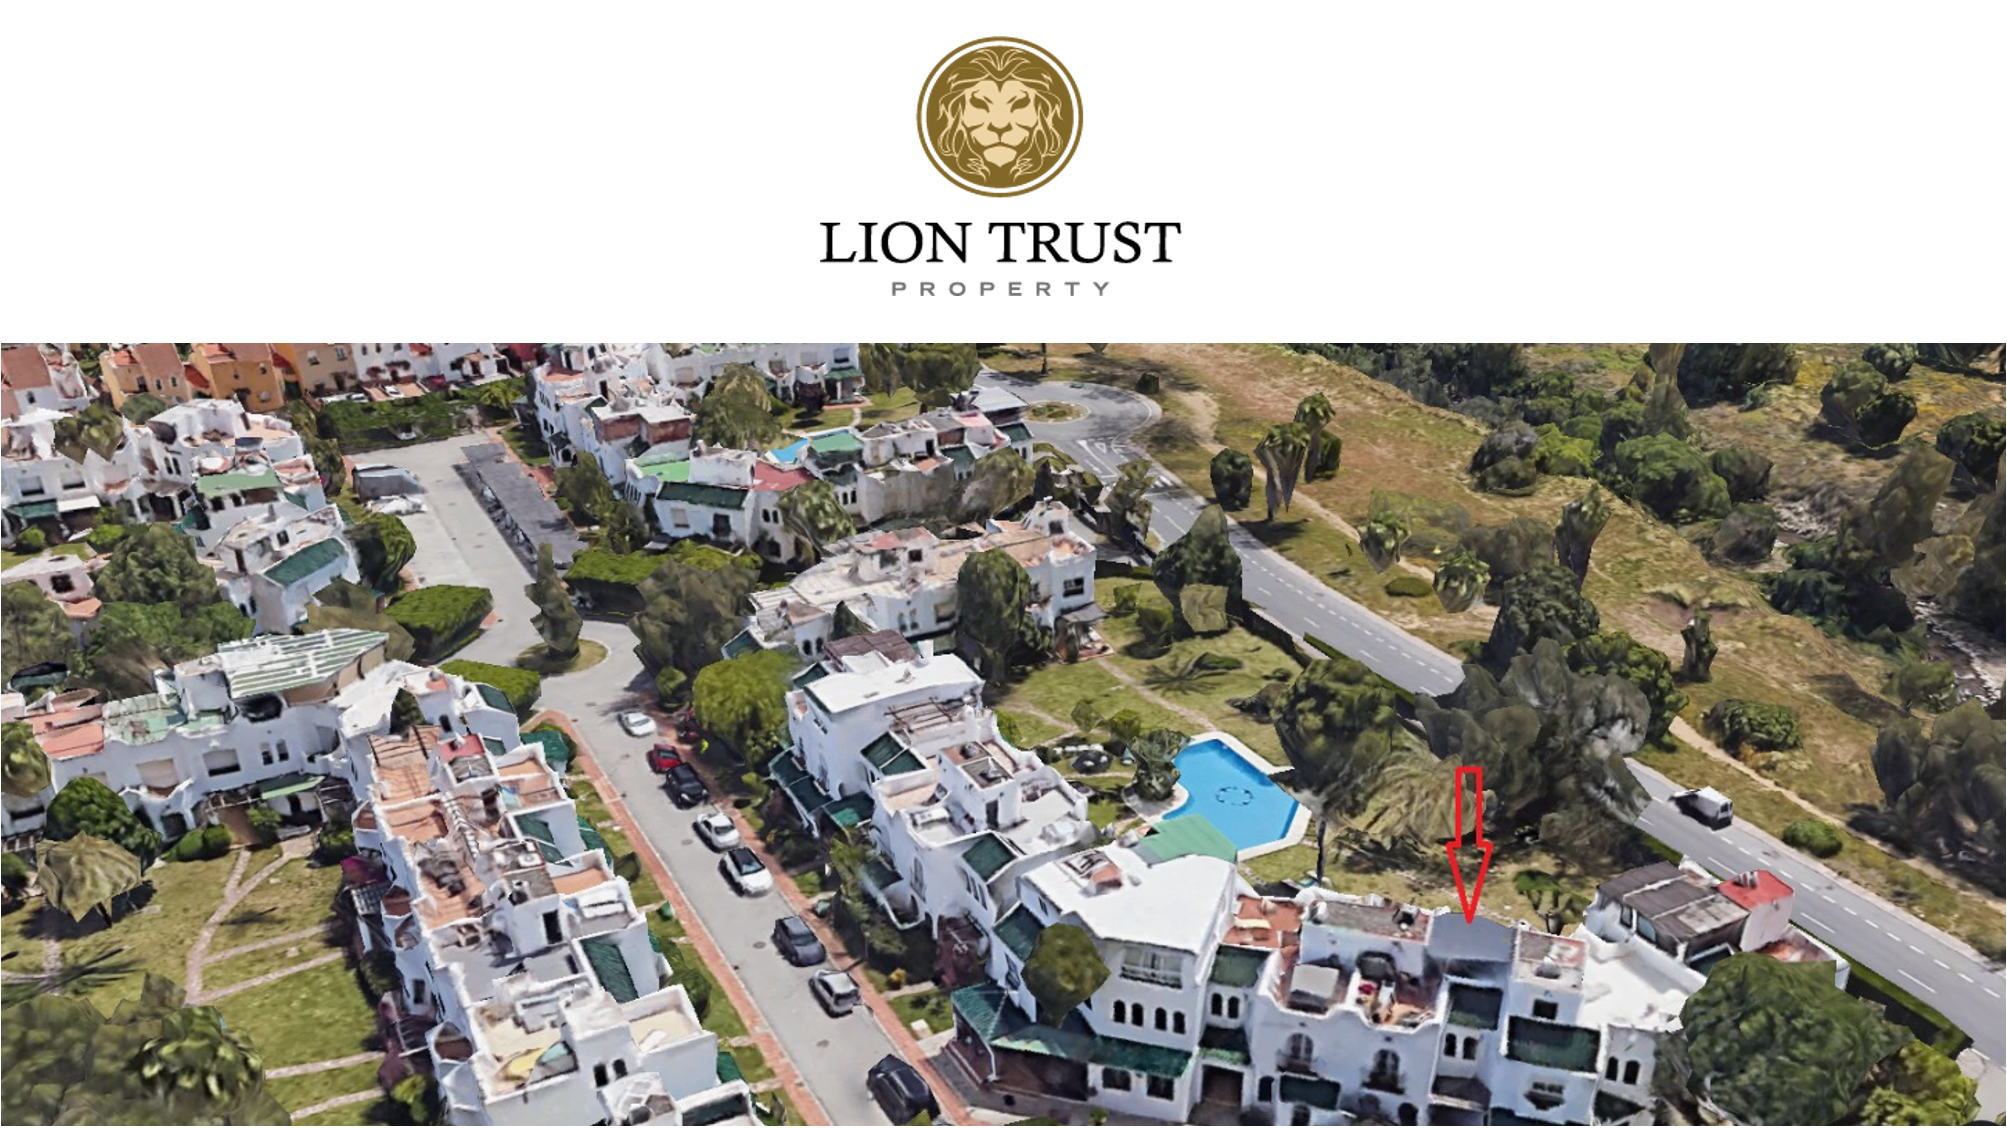 5a 2 - Lion Trust Spain